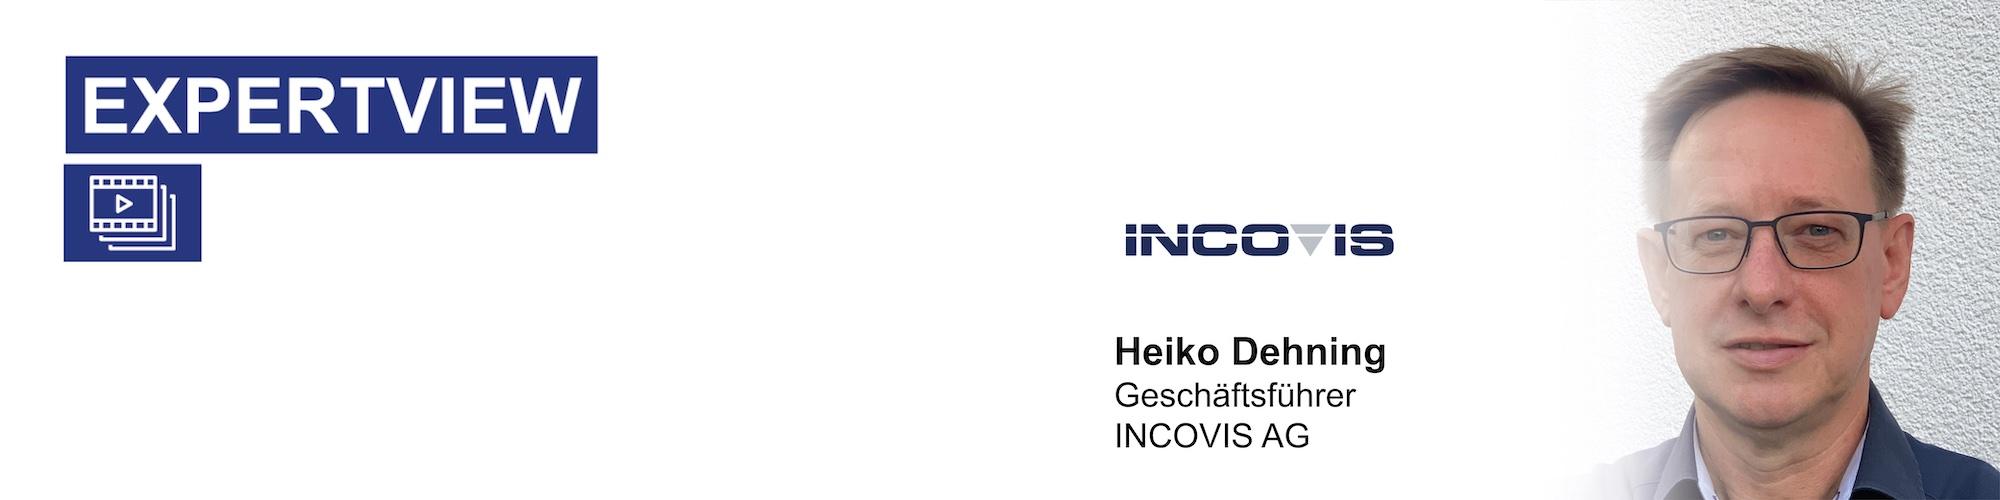 header_incovis